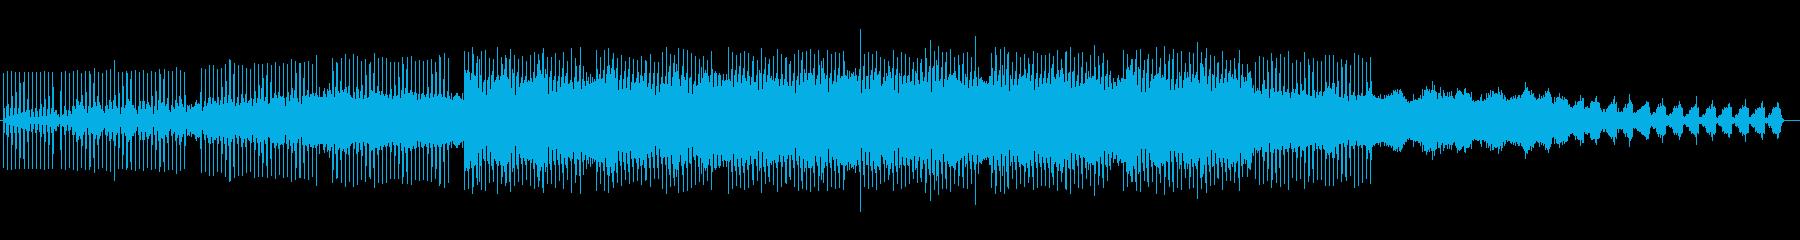 神秘的なテクノポップの再生済みの波形